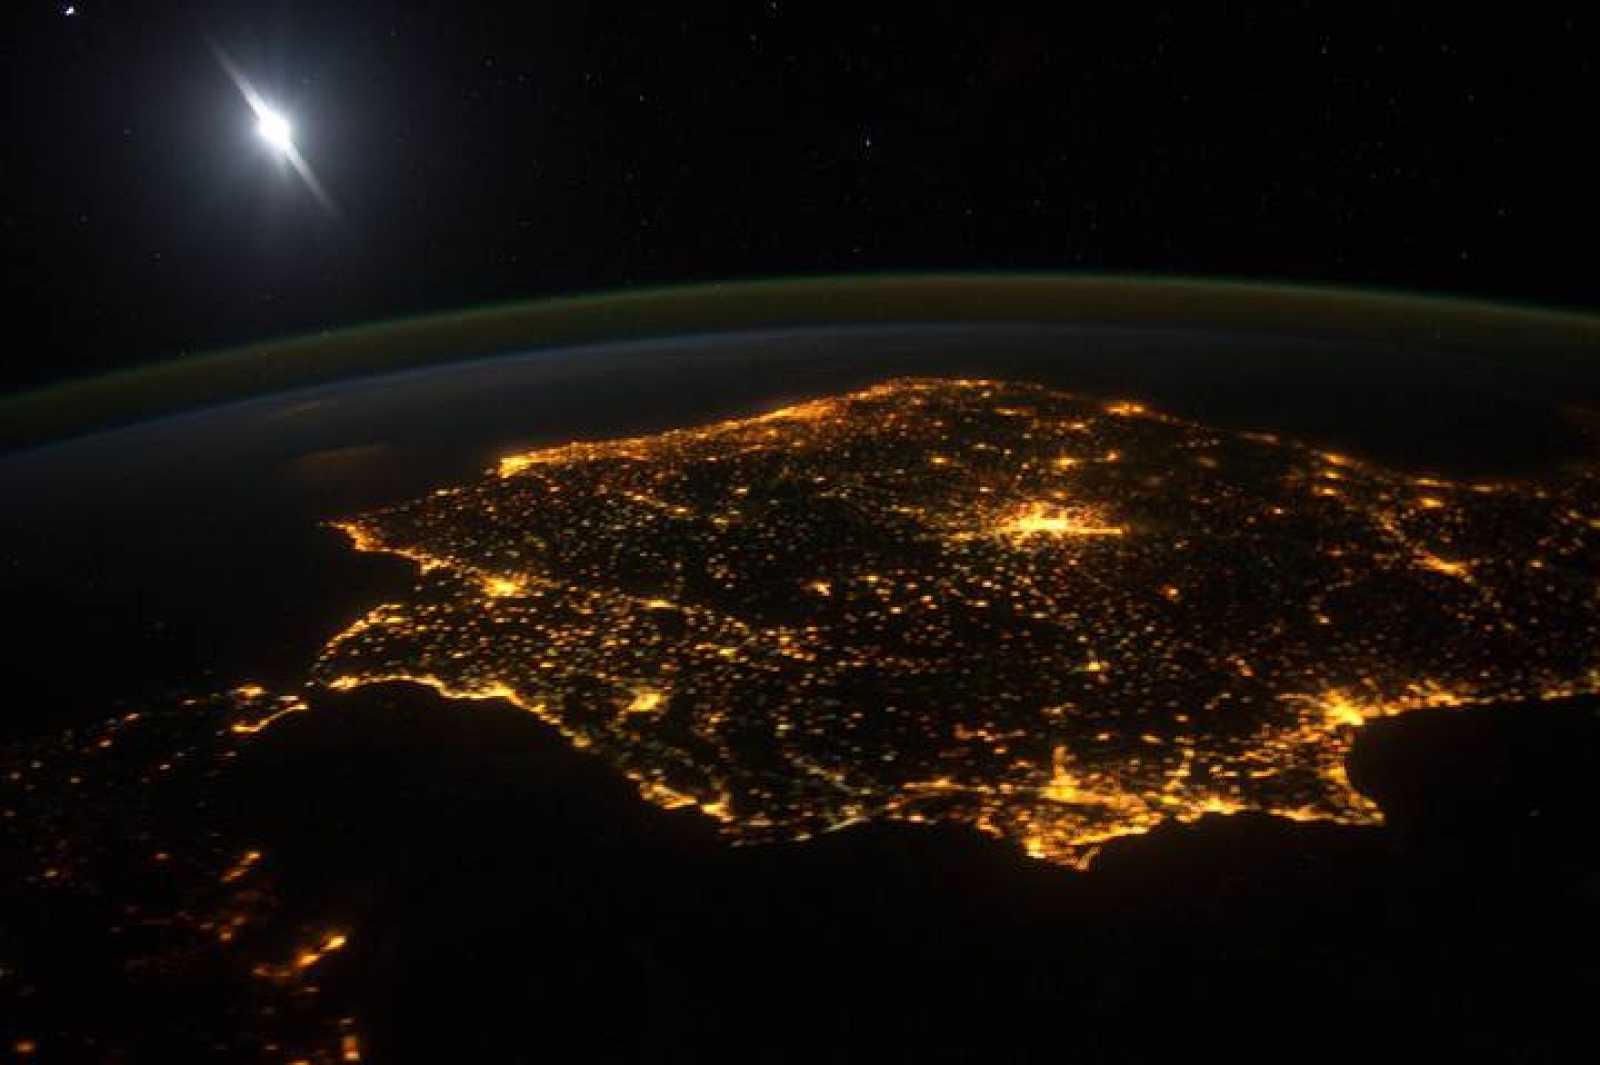 La Península Ibérica captada de noche desde la Estación Espacial Internacional.